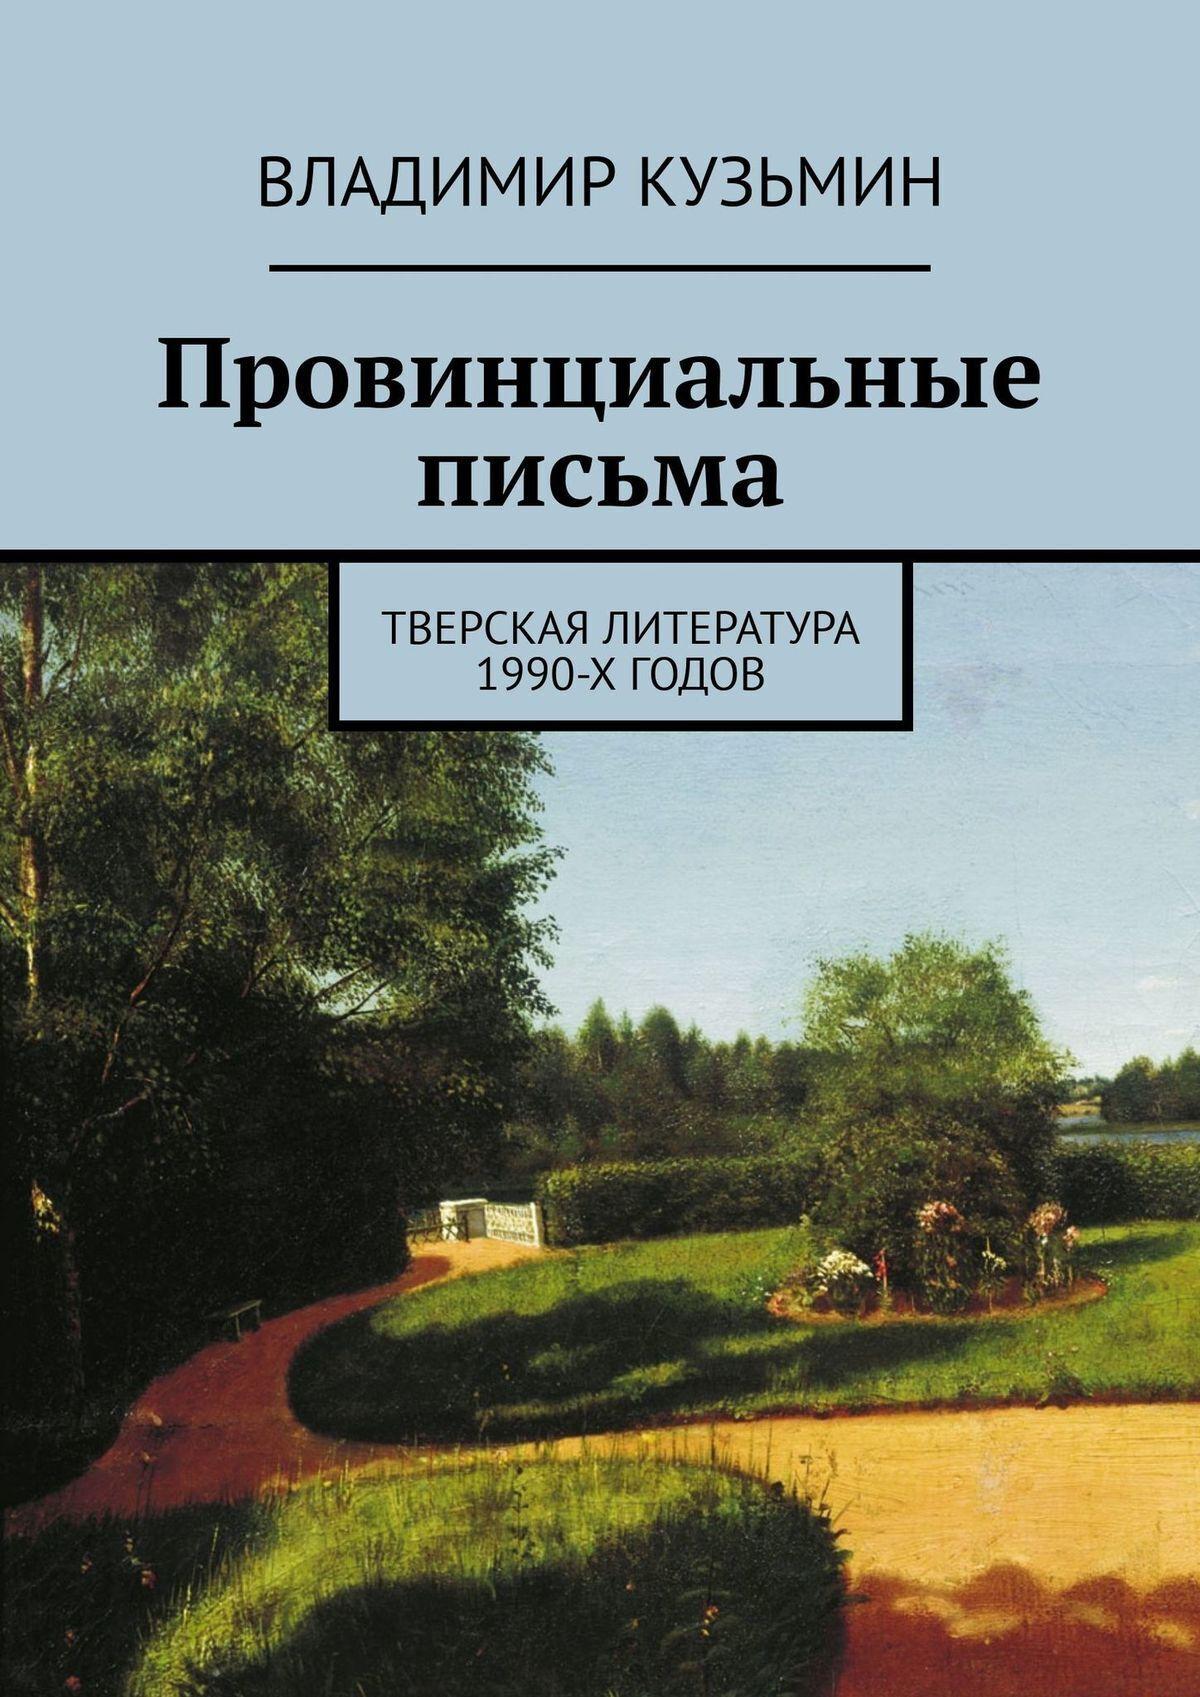 Провинциальные письма